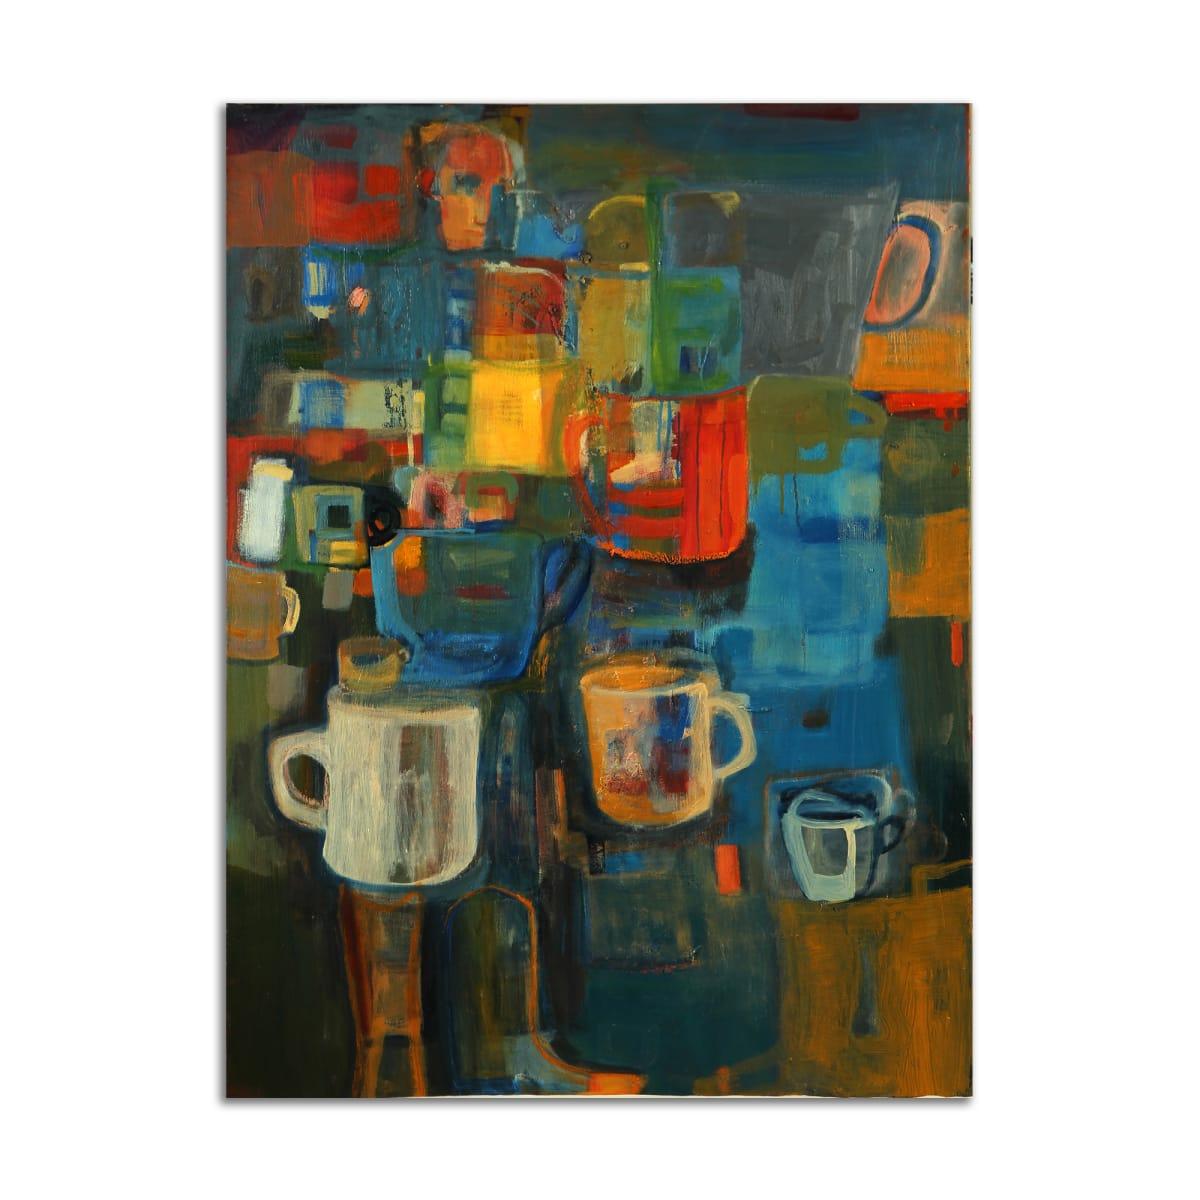 Cowboy Cup by Stephanie Cramer